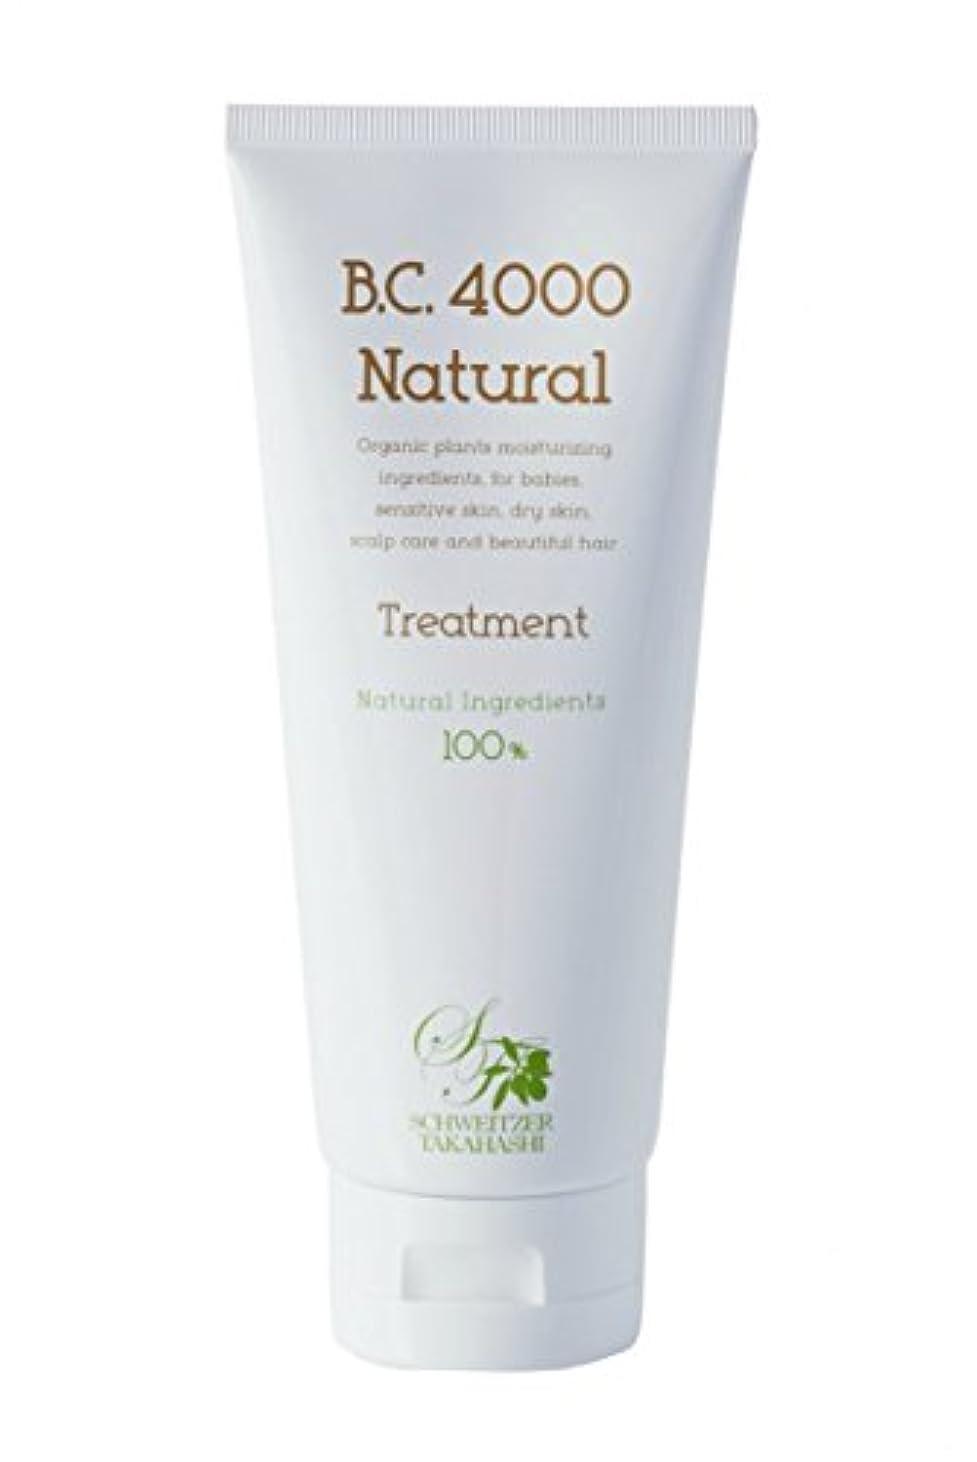 適格スプリットのホストB.C.4000 100%天然由来 ナチュラル ノンシリコン トリートメント オーガニック植物エキス配合 200g